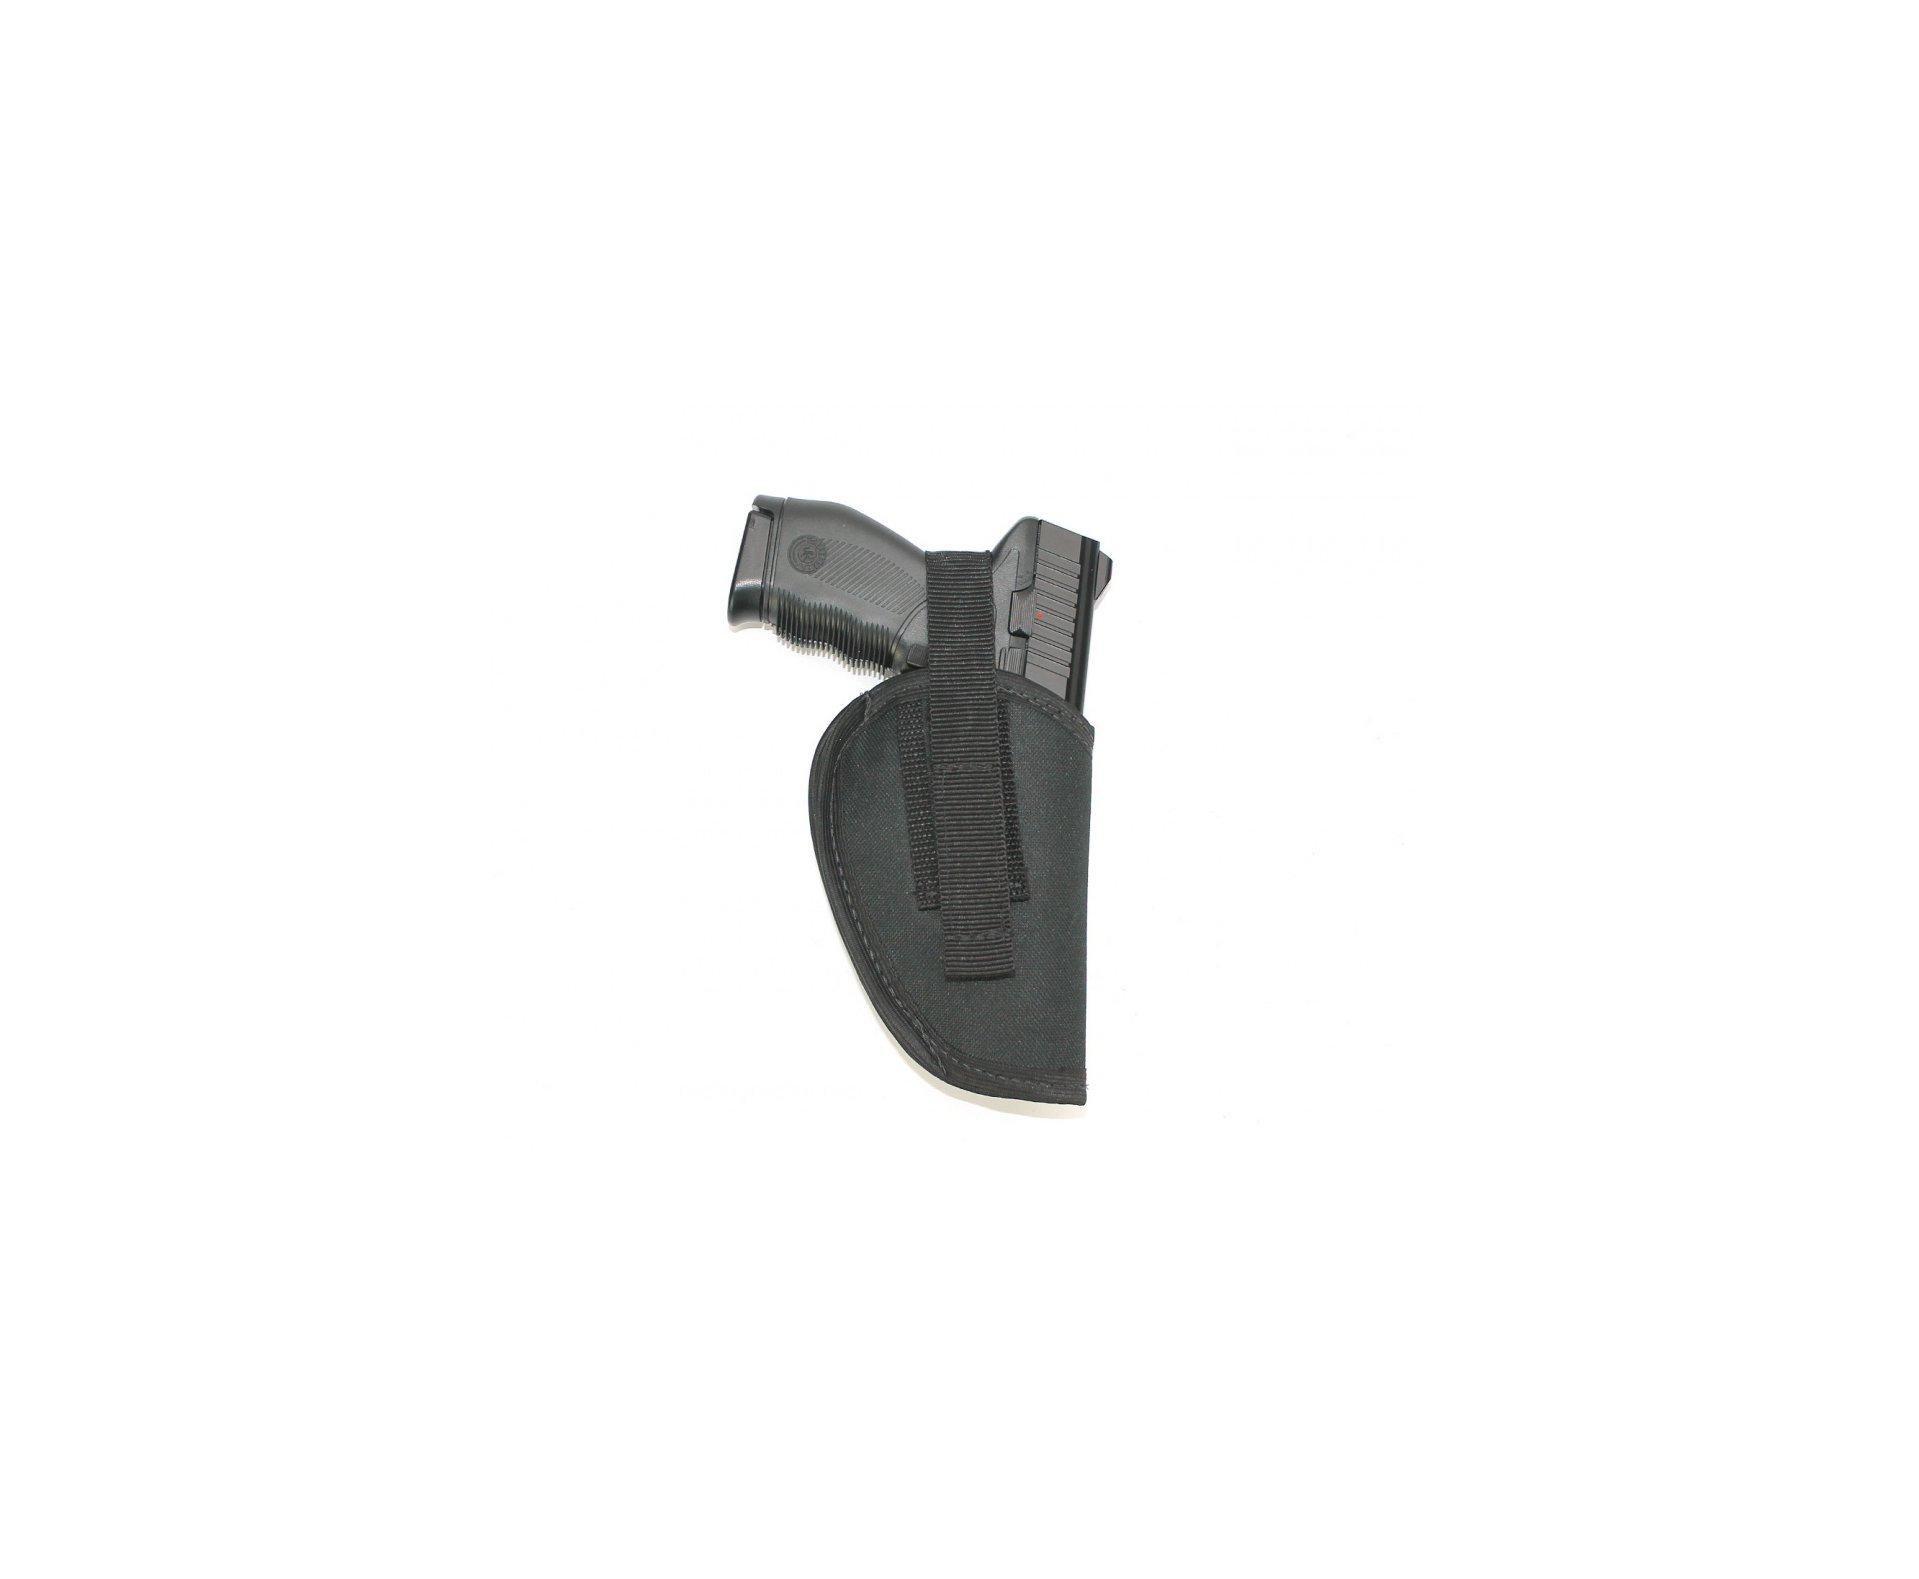 Coldre De Cintura Esquerdo Para Pistolas - Mundo Da Carabina